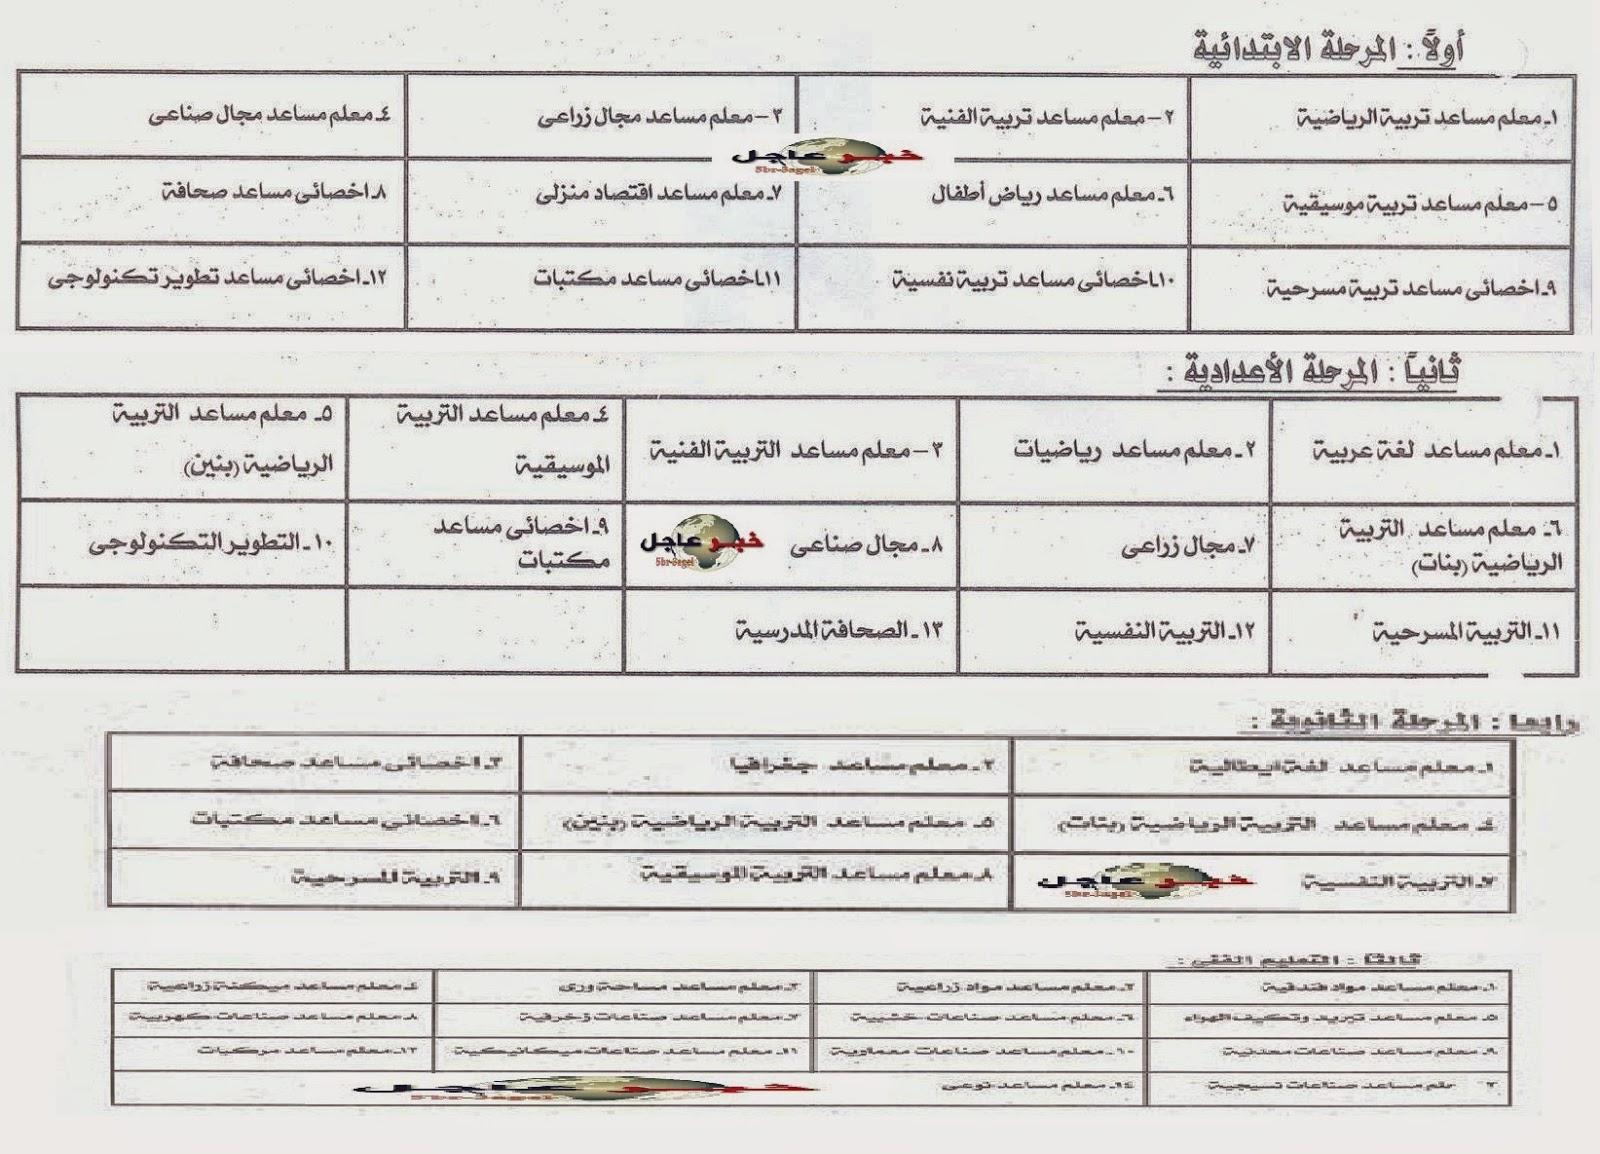 بيان وزارة التربية والتعليم بالتخصصات المطلوبة فى مسابقة 30 الف معلم بمحافظة القليوبيــة